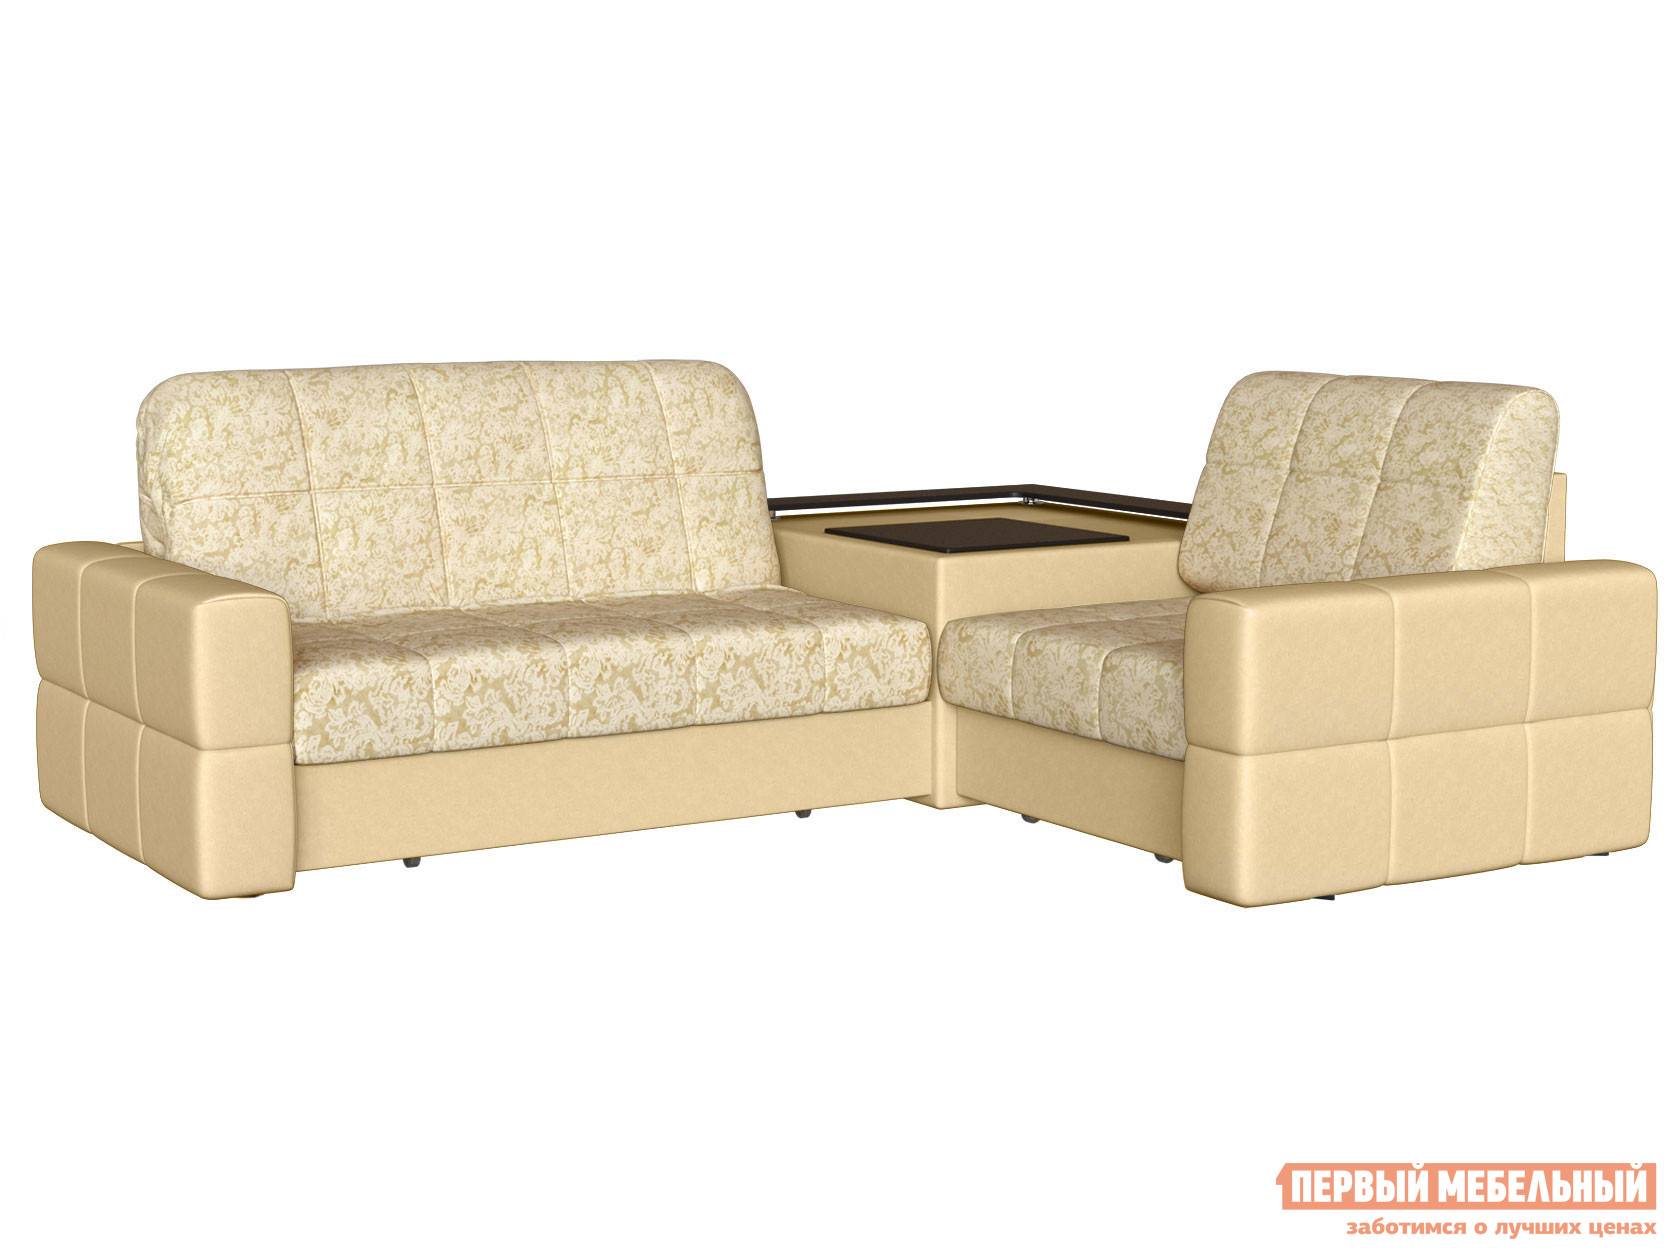 Угловой диван Первый Мебельный Диван Марио угловой Люкс кресло кровать первый мебельный марио люкс